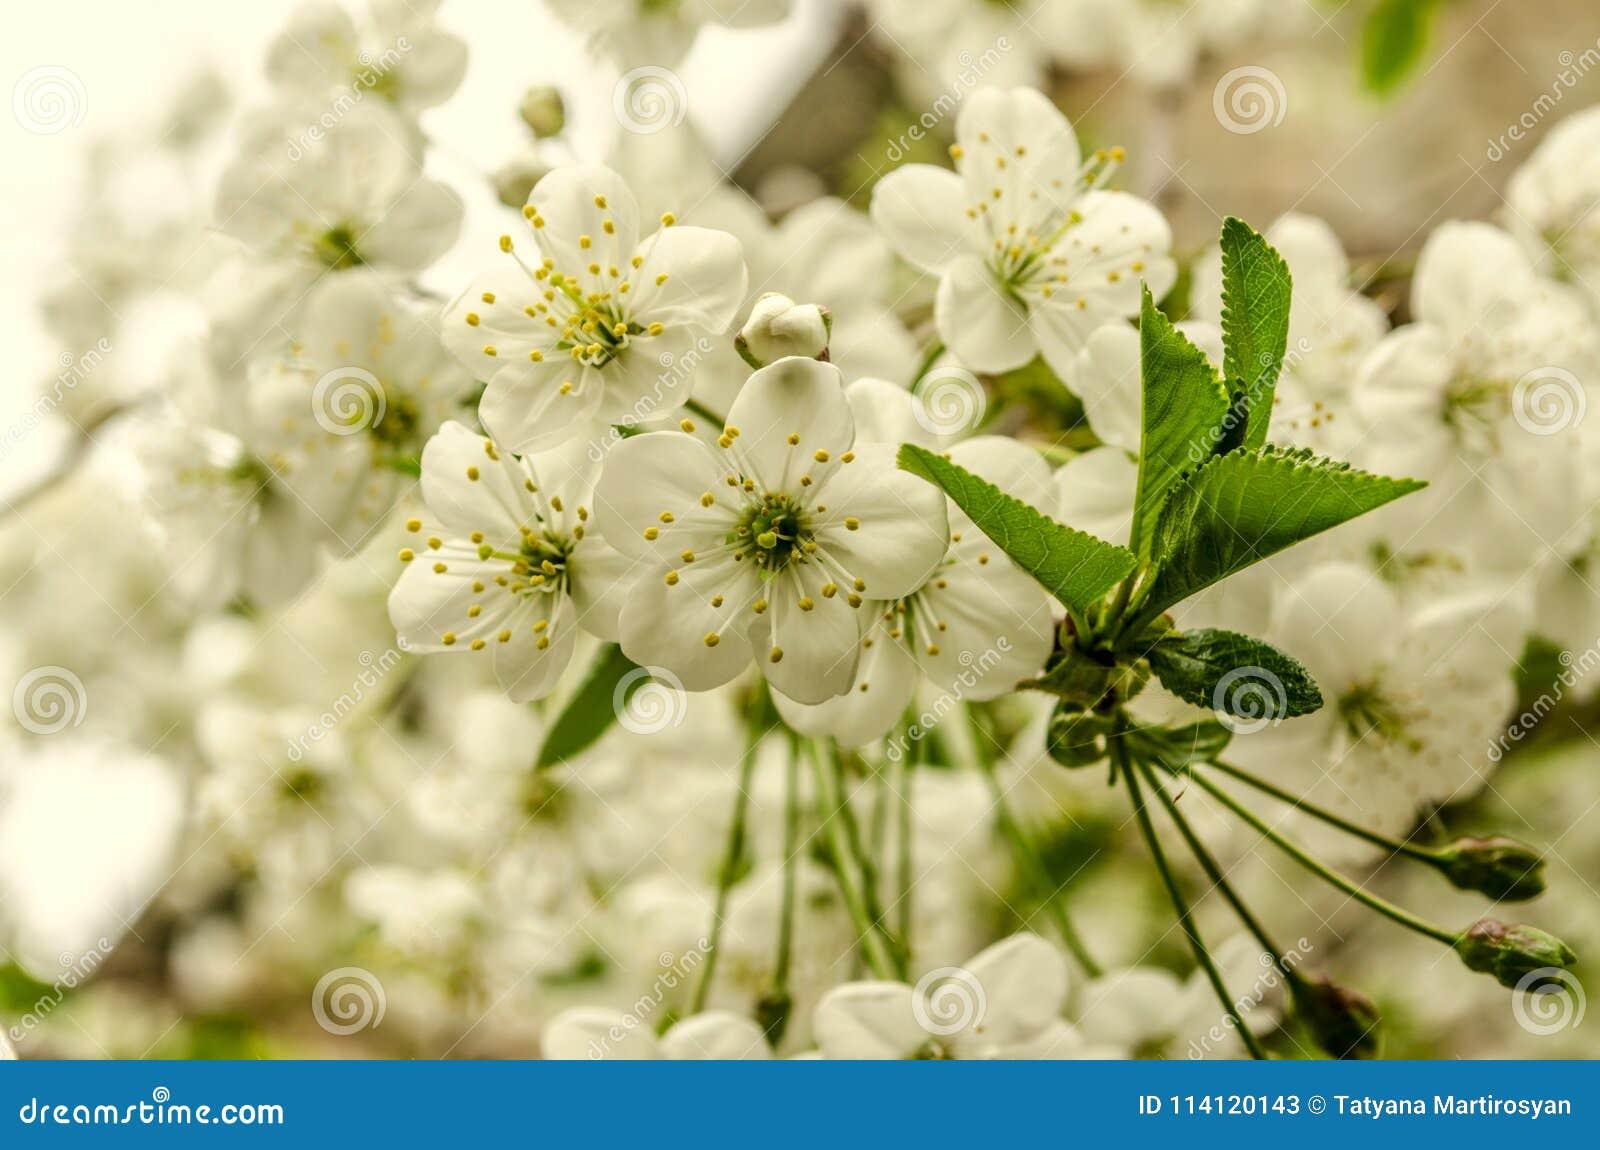 Fondo con las flores delicadas de un cerezo